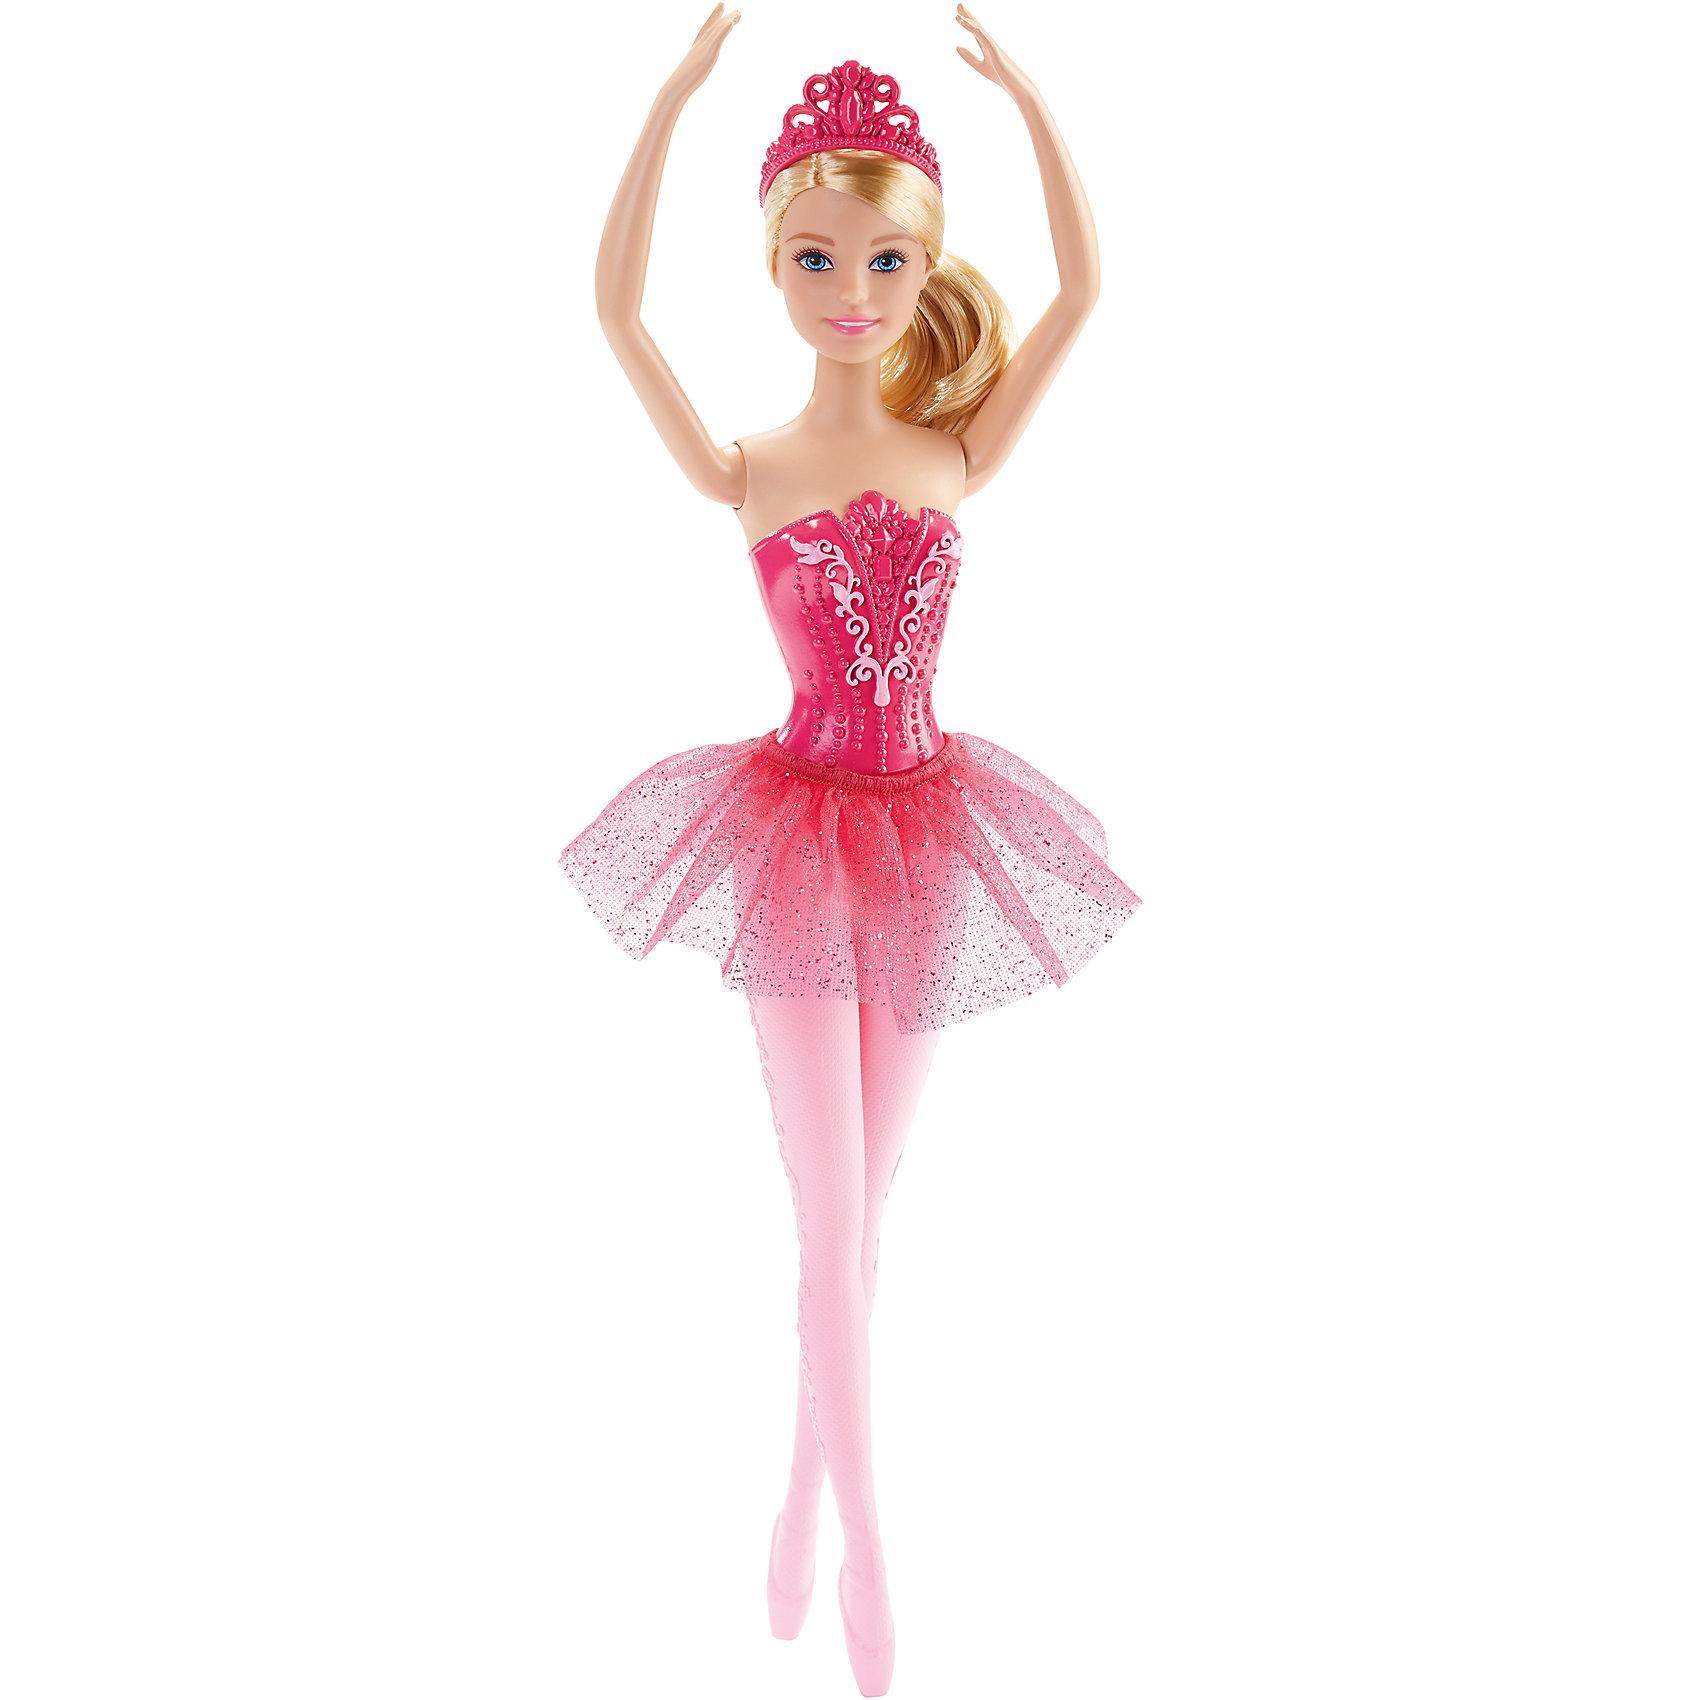 Балерина, BarbieБалерина, Barbie, Mattel (Маттел) ? одна из самых знаменитых и современных на все времена куклу от Маттел ? Барби. На этот раз предстает в образе изящной балерины. Выполненная из безопасного высококачественного пластика, с подвижными частями тела ? руками, ногами, головой.<br>Балерина, Barbie, Mattel (Маттел) ? голубоглазая блондинка, одета в розовый кружевной корсет и воздушную пачку, на ногах прозрачные розовые колготки с рисунком и розовые пуанты. Прическа у Бабри, характерная для балерин, ? волосы собраны в пышный пучок, на голове ? розовая диадема. Кукла может принимать классические балетные позиции. <br>Балерина, Barbie, Mattel (Маттел) ? один из способов познакомить вашу девочку с миром классического балета. Балерина Бабри способствует сформированию чувства прекрасного, учит изяществу и грациозности.<br><br>Дополнительная информация:<br><br>- Вид игр: сюжетно-ролевые <br>- Предназначение: для дома<br>- Материал: пластик, текстиль<br>- Цвет: оттенки розового, белый<br>- Размер (Д*Ш*В): 5*9*32,5 см<br>- Вес: 198 г <br>- Особенности ухода: куклу можно мыть в теплой мыльной воде<br><br>Подробнее:<br><br>• Для детей в возрасте: от 3 лет и до 8 лет<br>• Страна производитель: Индонезия<br>• Торговый бренд: Mattel<br><br>Балерину, Barbie, Mattel (Маттел) можно купить в нашем интернет-магазине.<br><br>Ширина мм: 50<br>Глубина мм: 90<br>Высота мм: 325<br>Вес г: 198<br>Возраст от месяцев: 36<br>Возраст до месяцев: 96<br>Пол: Женский<br>Возраст: Детский<br>SKU: 4770037